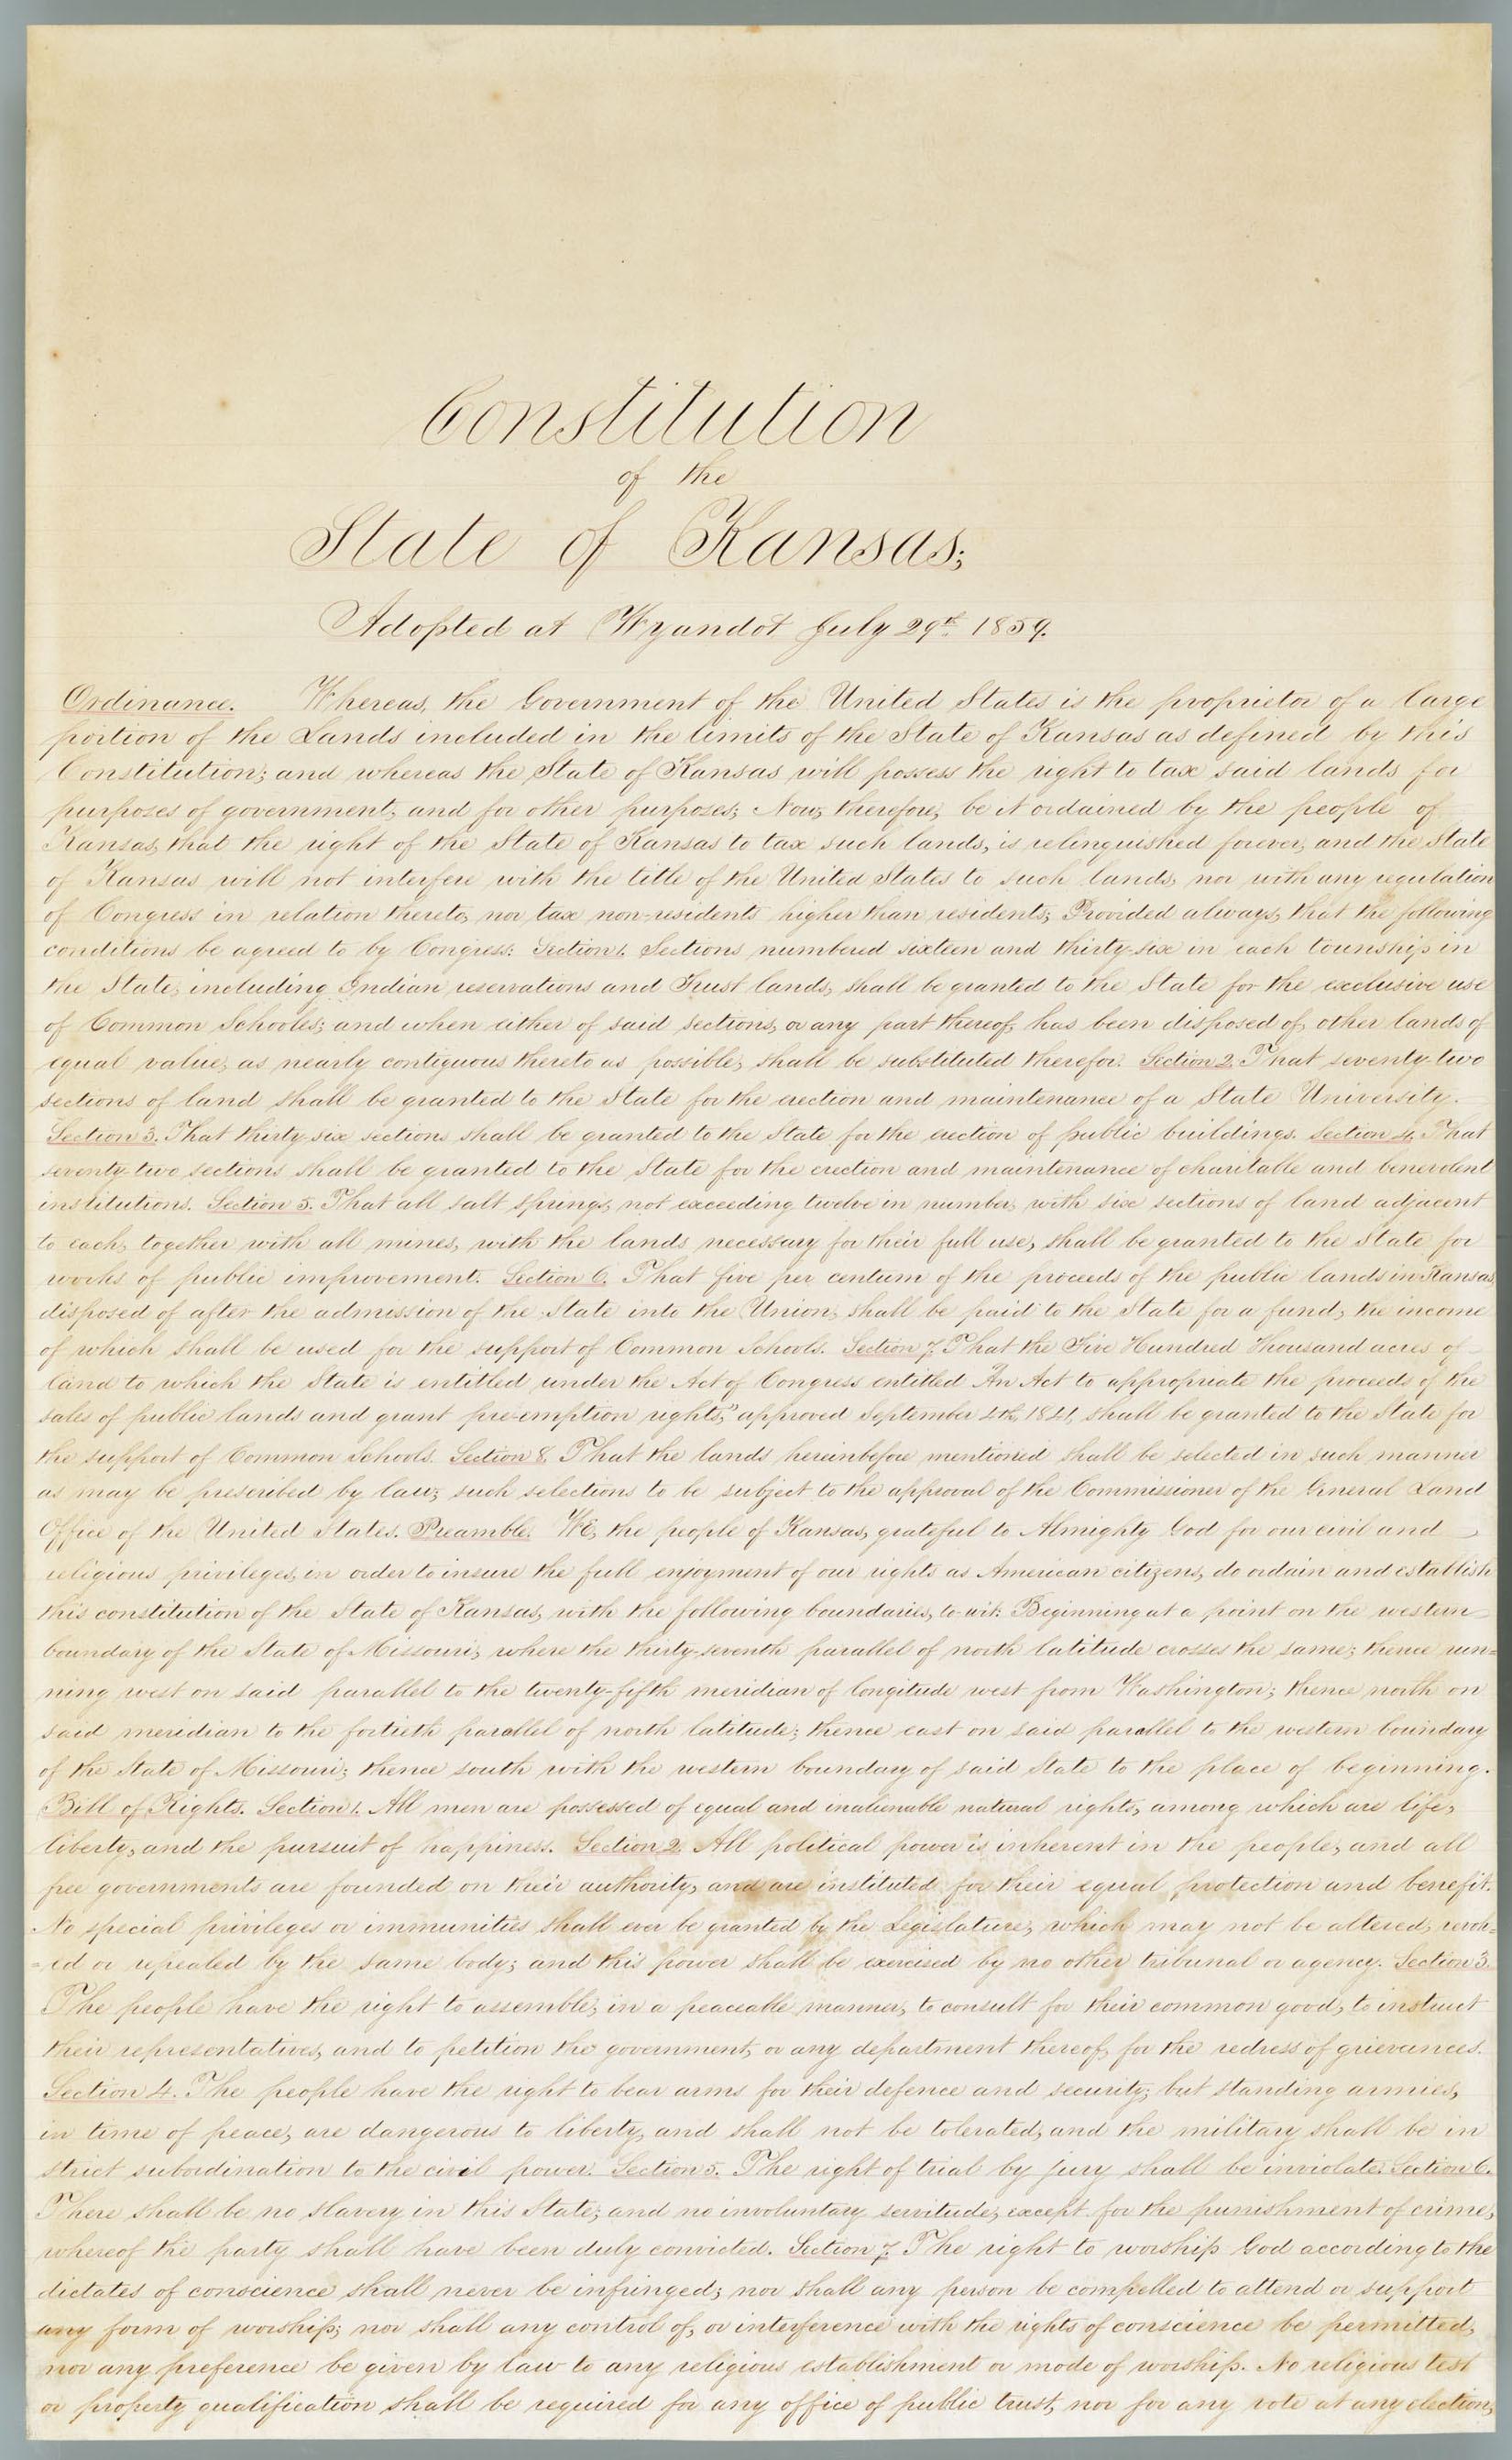 Wyandotte Constitution - 1